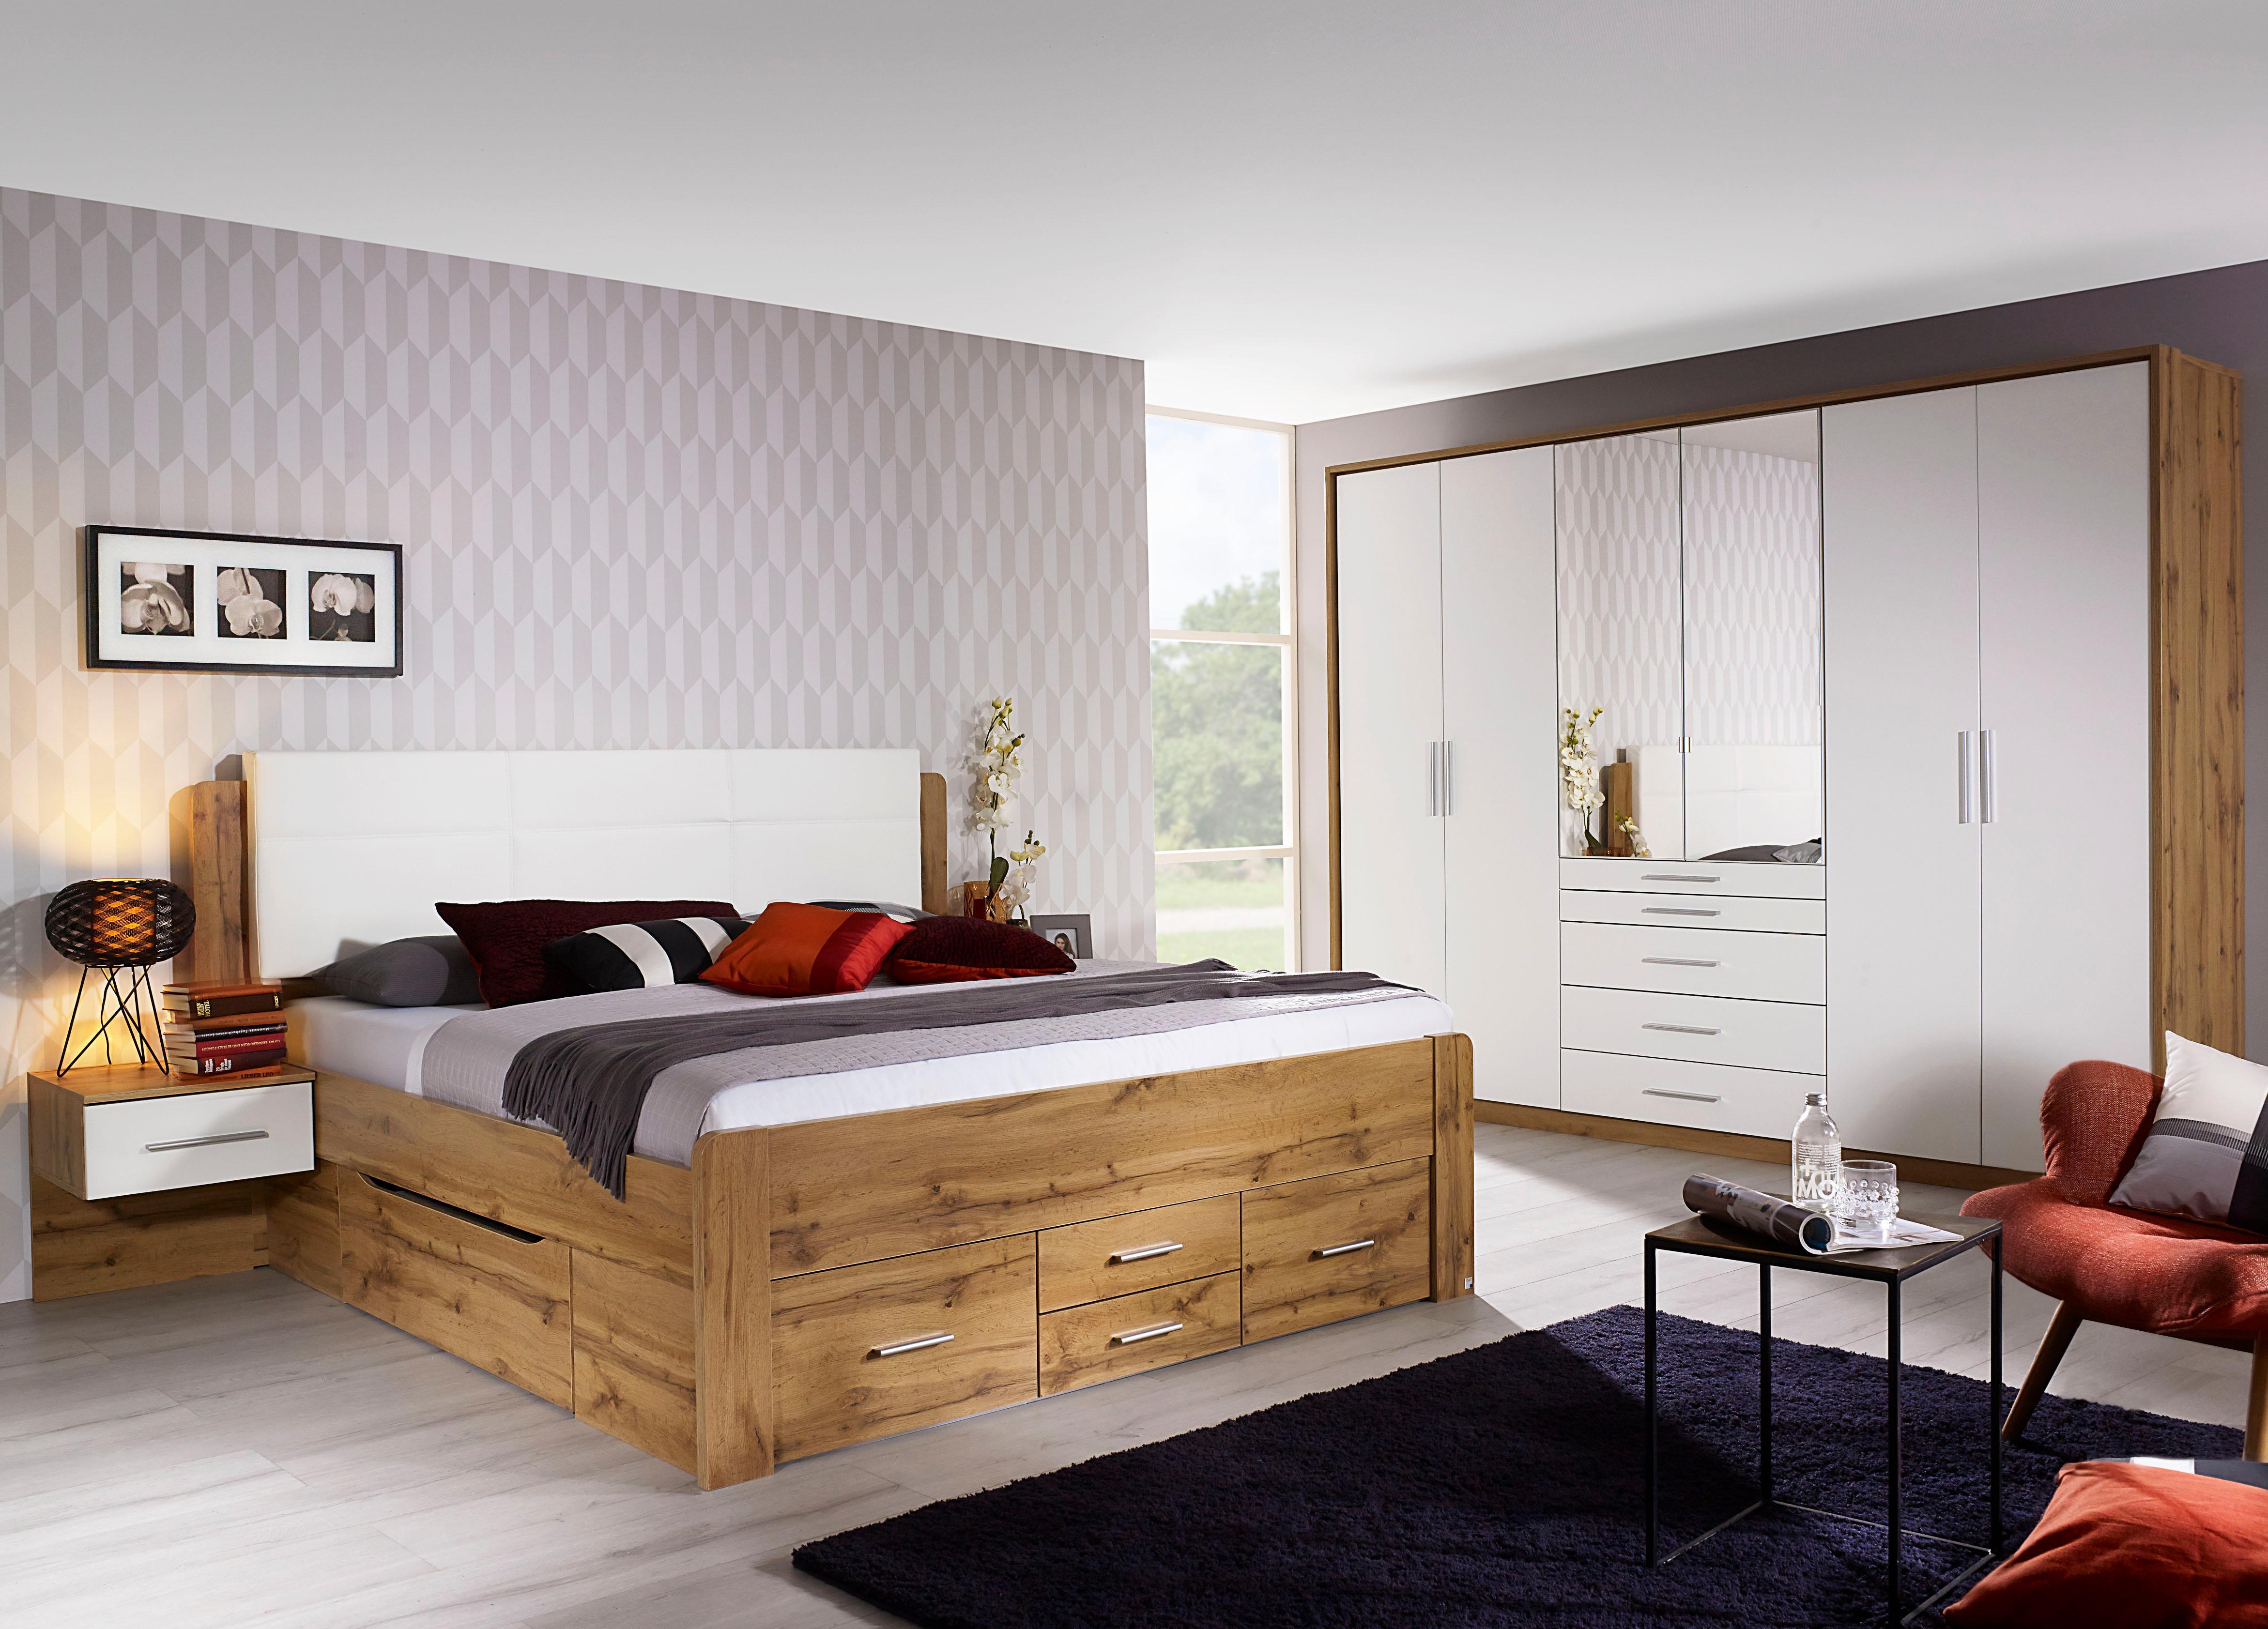 rauch Schlafzimmer-Set Weingarten (Set 4-tlg) | Schlafzimmer > Komplett-Schlafzimmer | Weiß | Rauch